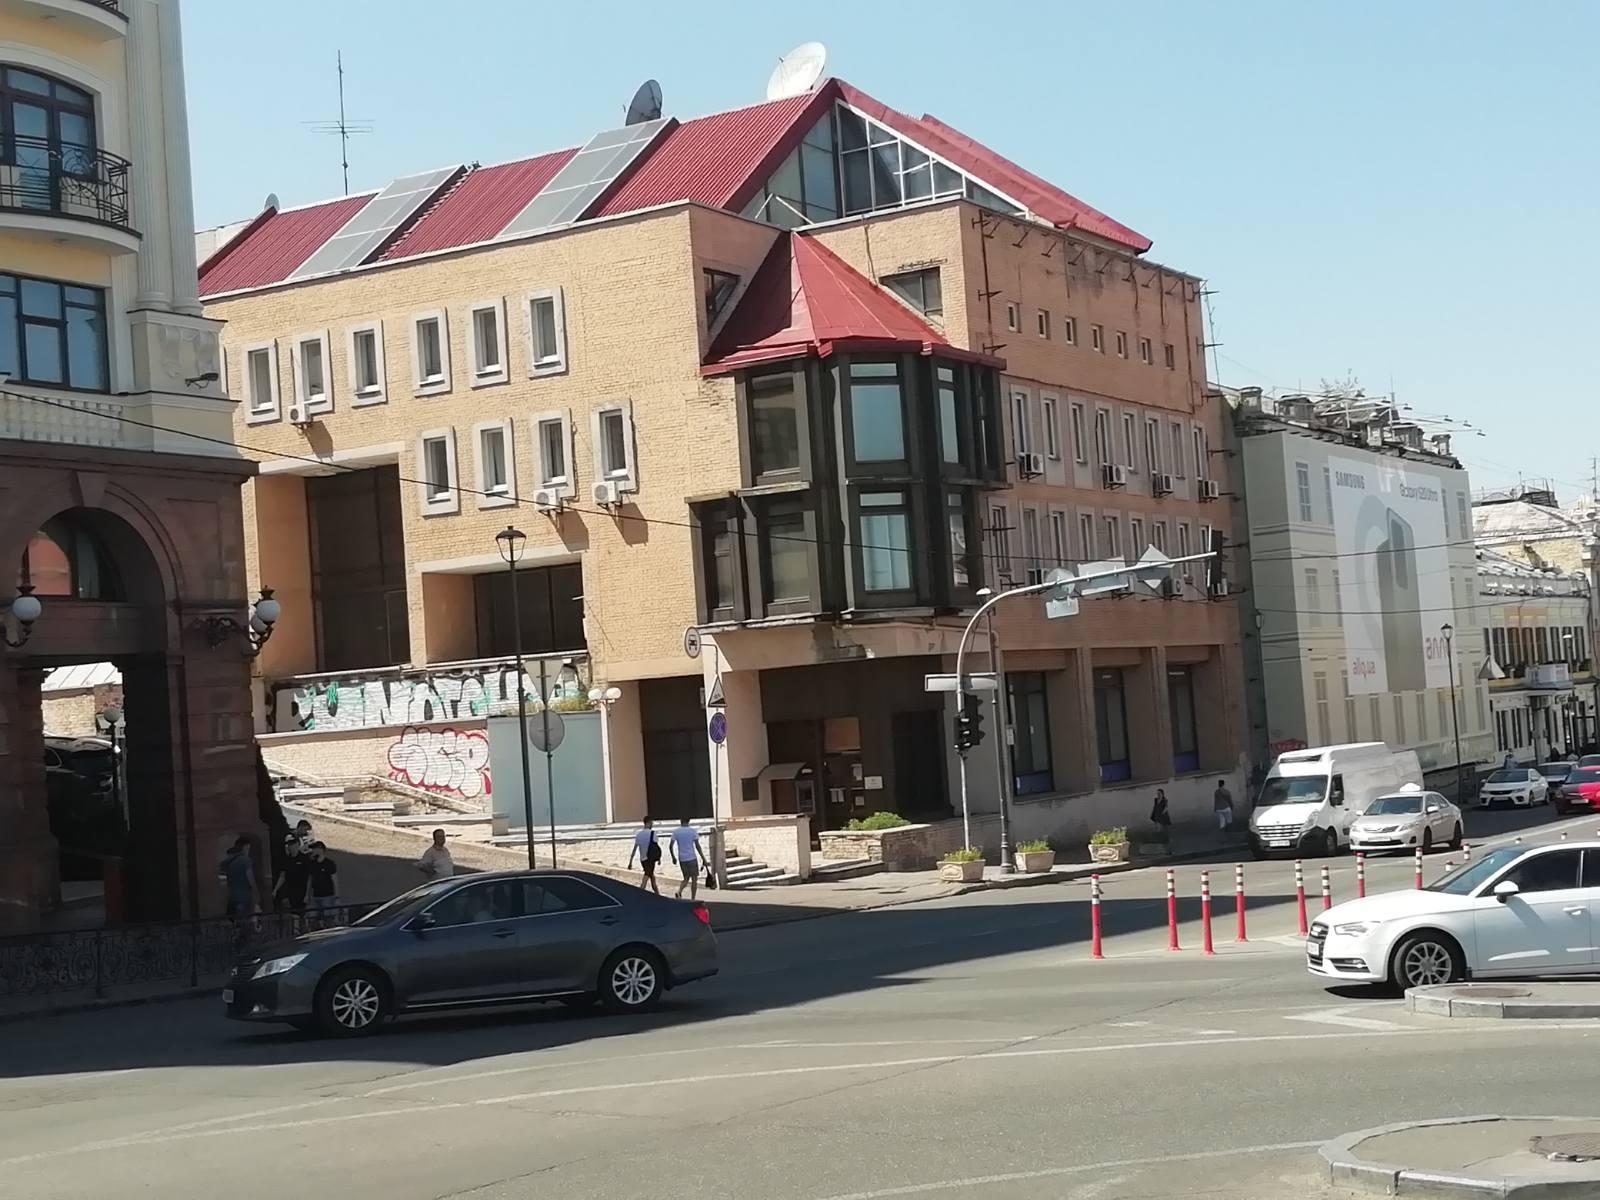 Офісне приміщення площею 12,8 кв. м за адресою: м. Київ, вул. Петра Сагайдачного, буд. 17